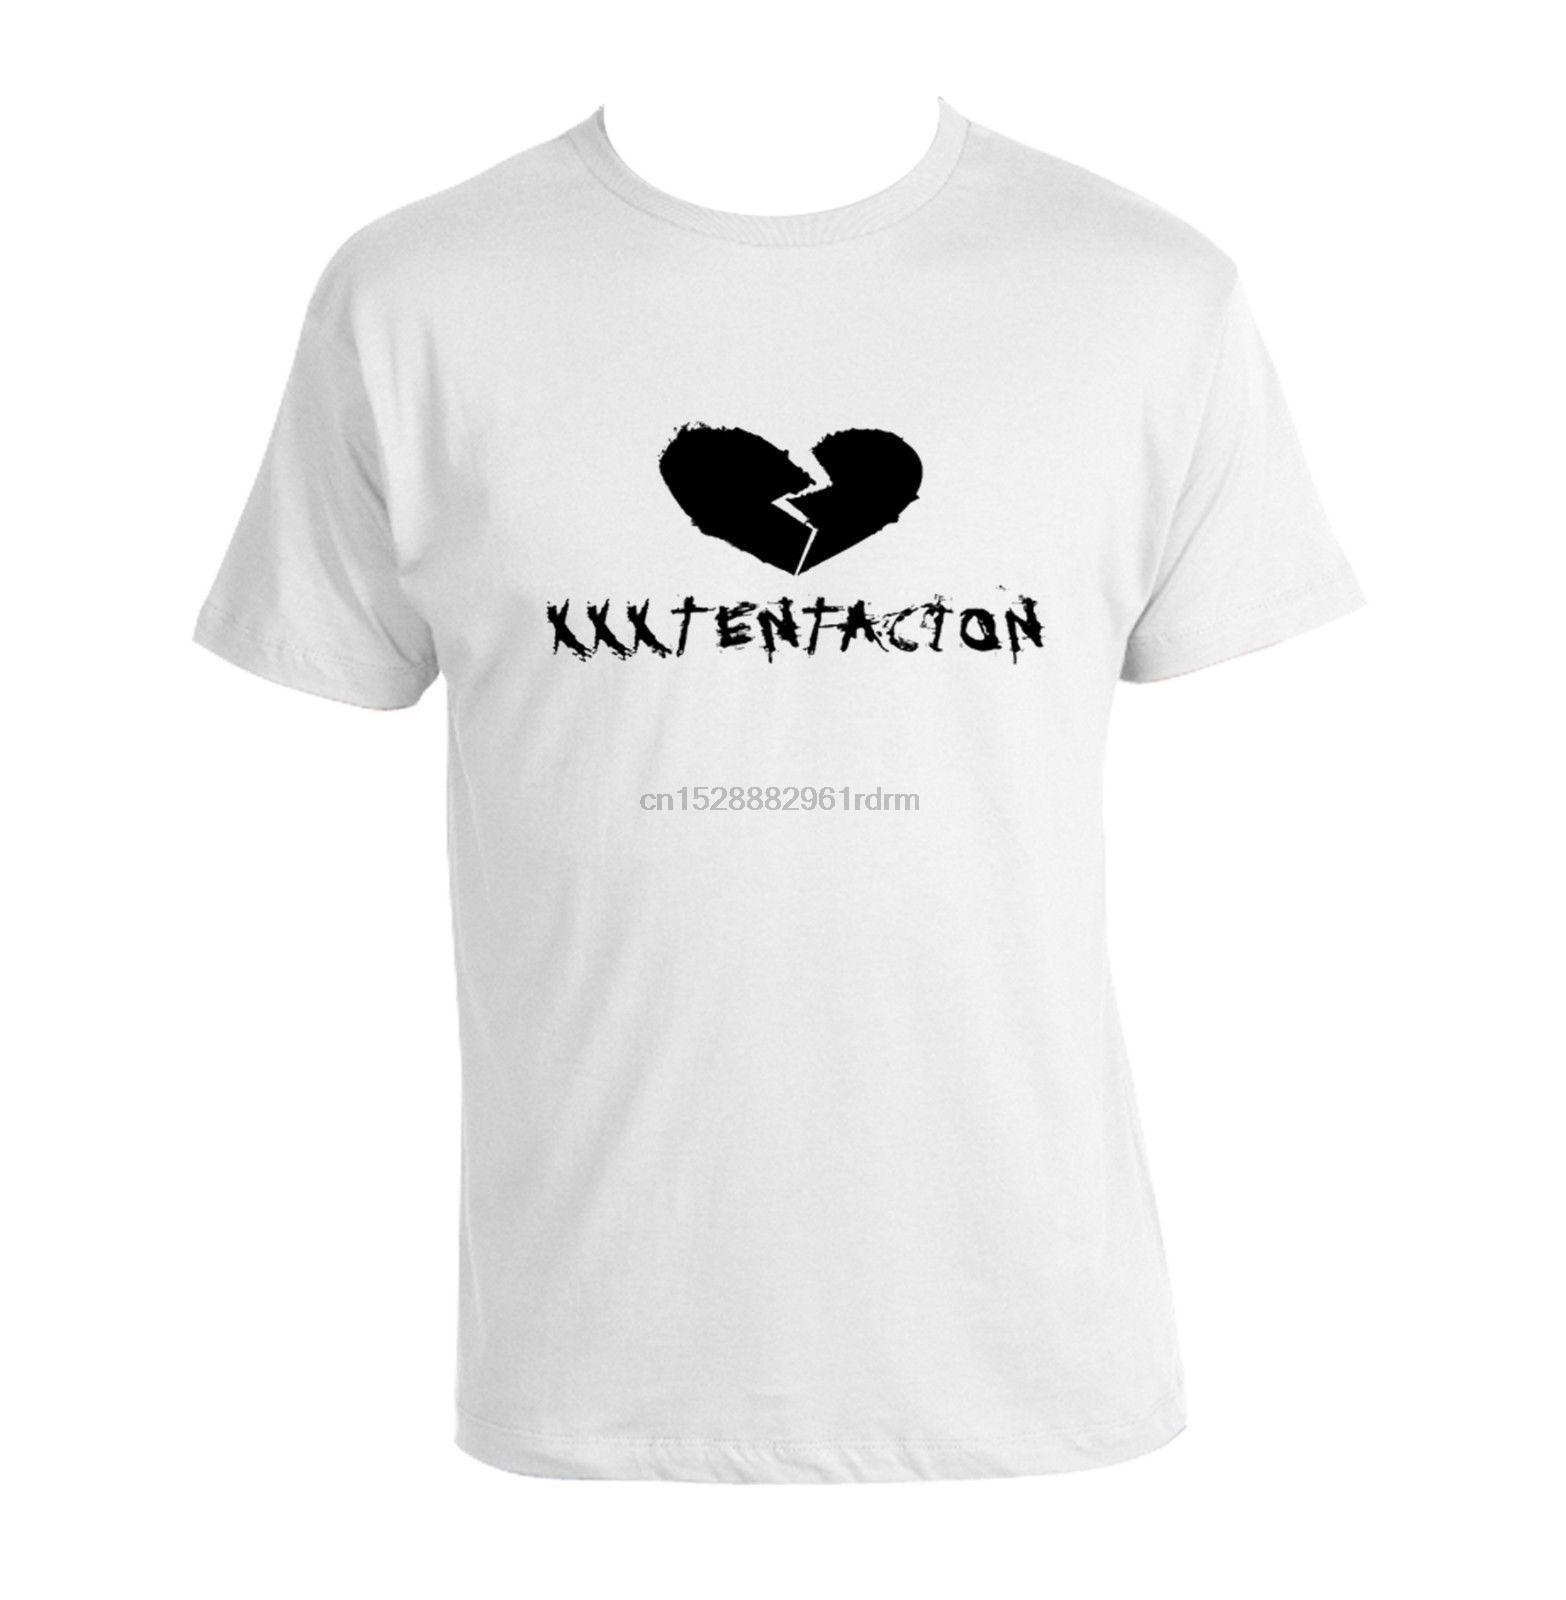 XXXTentacion T shirt Heartbreak RIP 100% cotone misto supera all'ingrosso Tee personalizzato ambientale stampato maglietta a buon mercato all'ingrosso